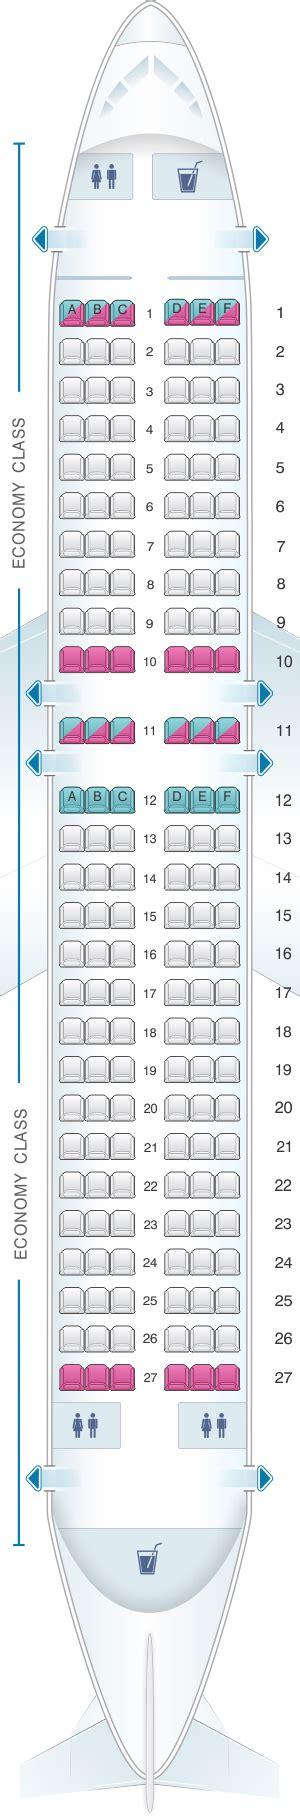 plan des sieges airbus a320 plan de cabine australia airbus a320 seatmaestro fr